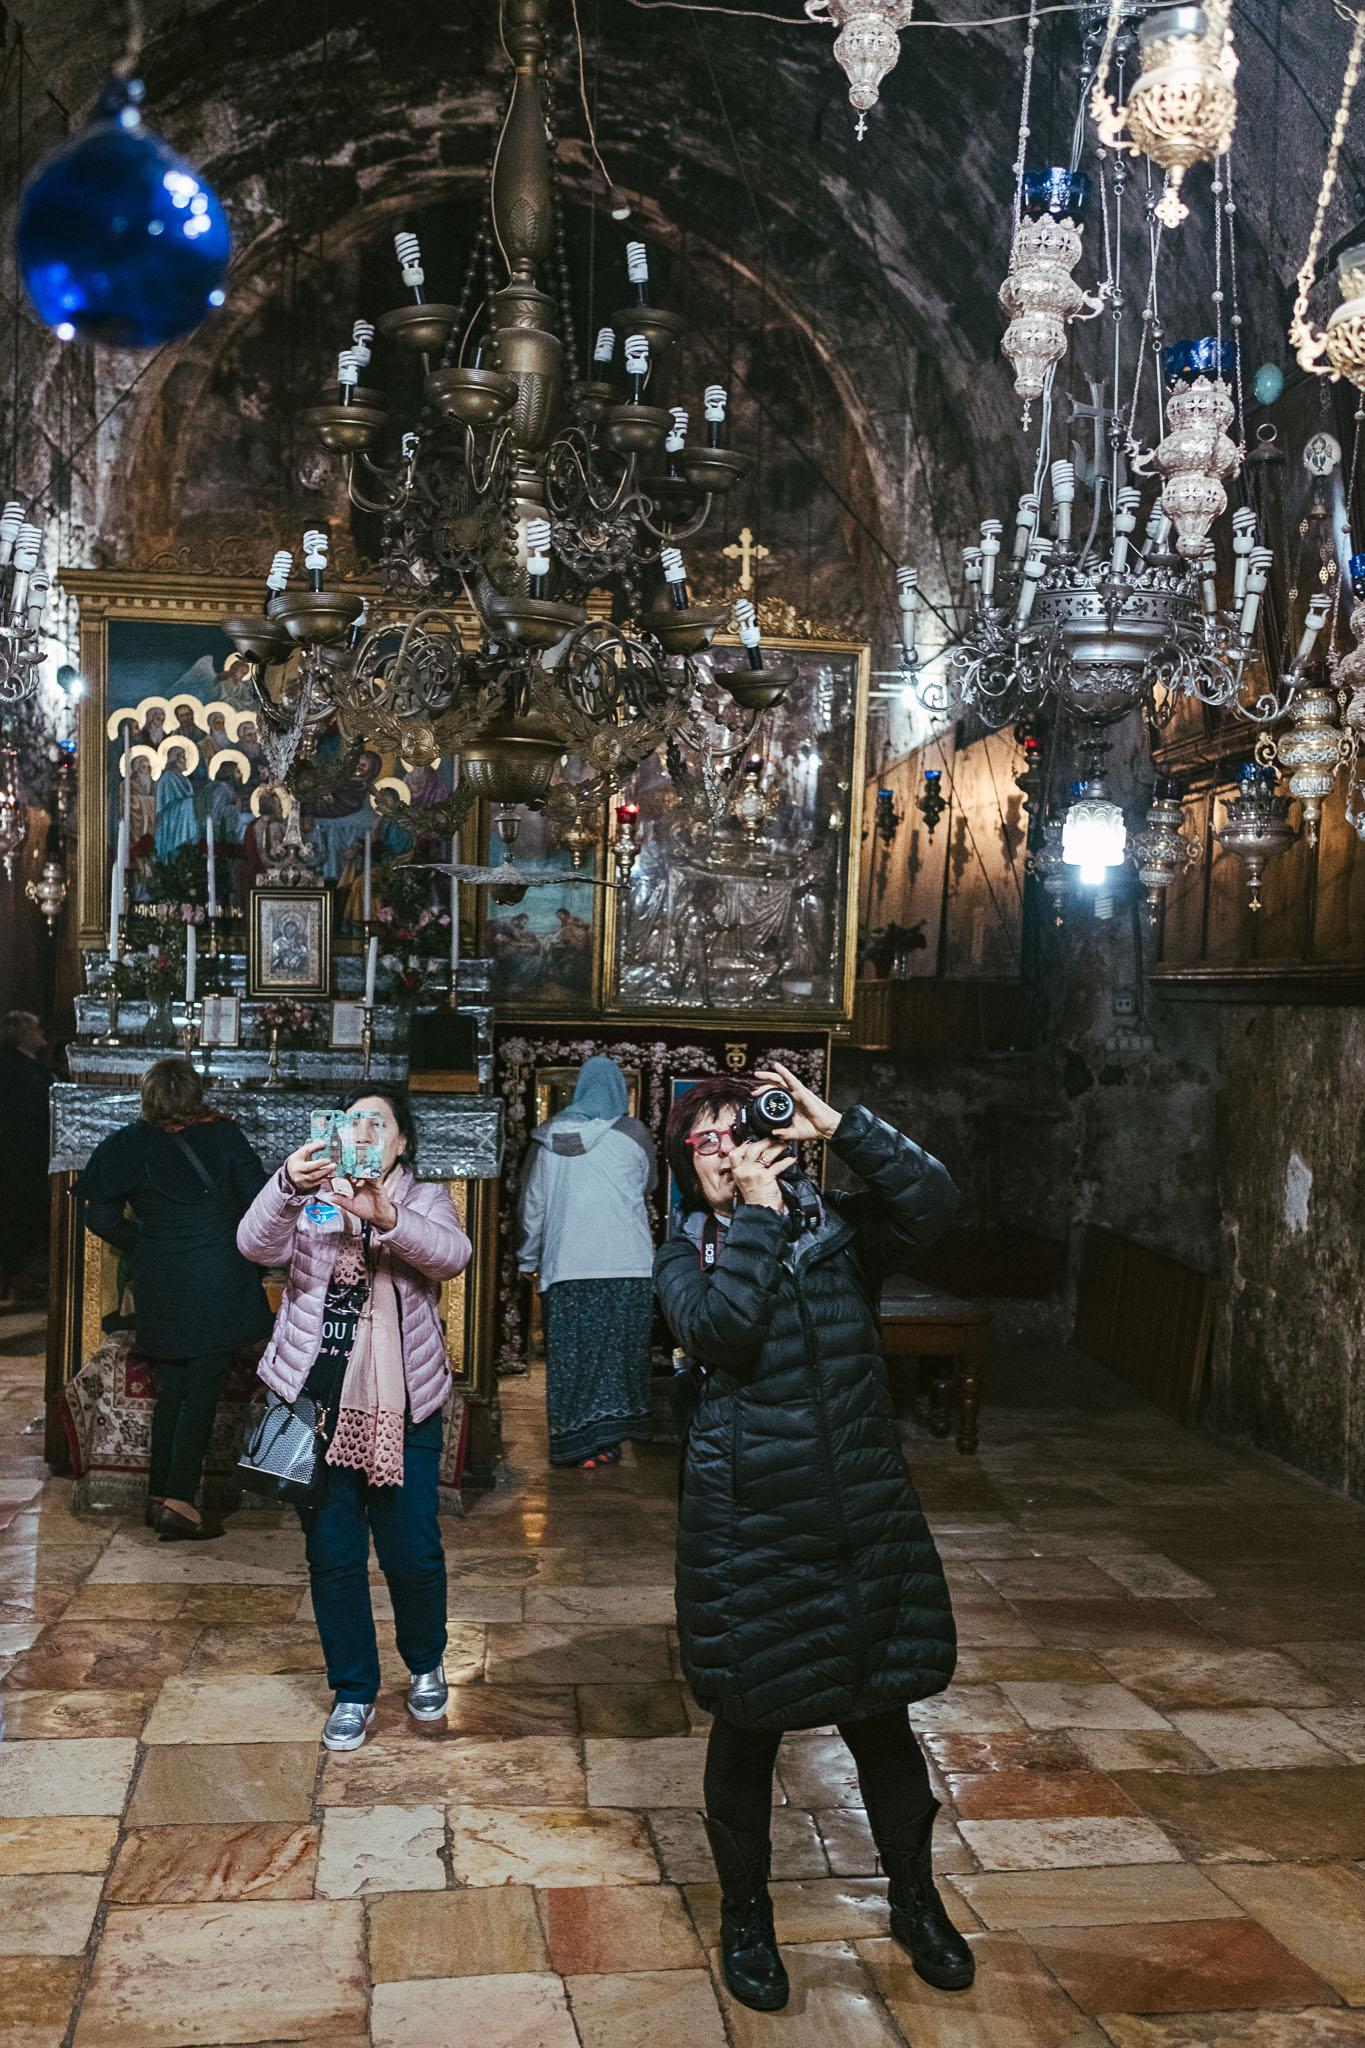 jerusalem - Israel - geschichten von unterwegs - Reiseblogger (501 von 9)